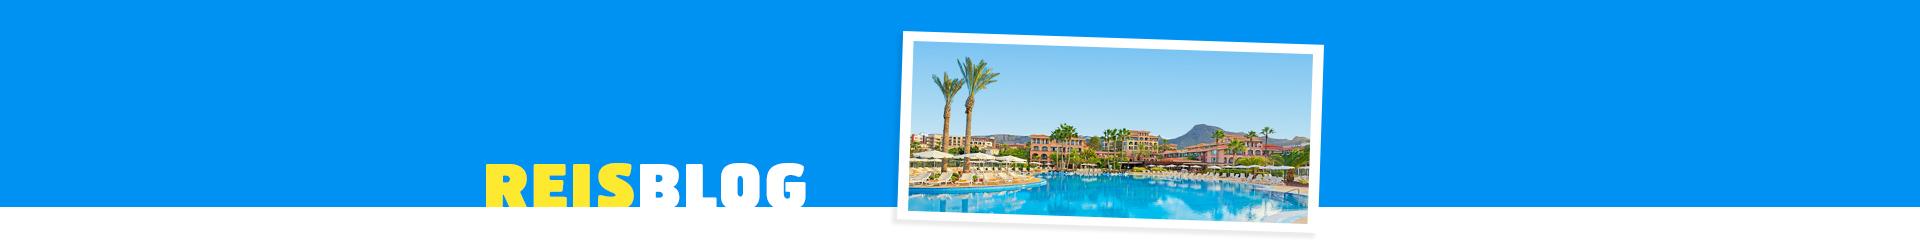 Uitzicht op het blauwe zwembad bij een hotel op de Canarische Eilanden